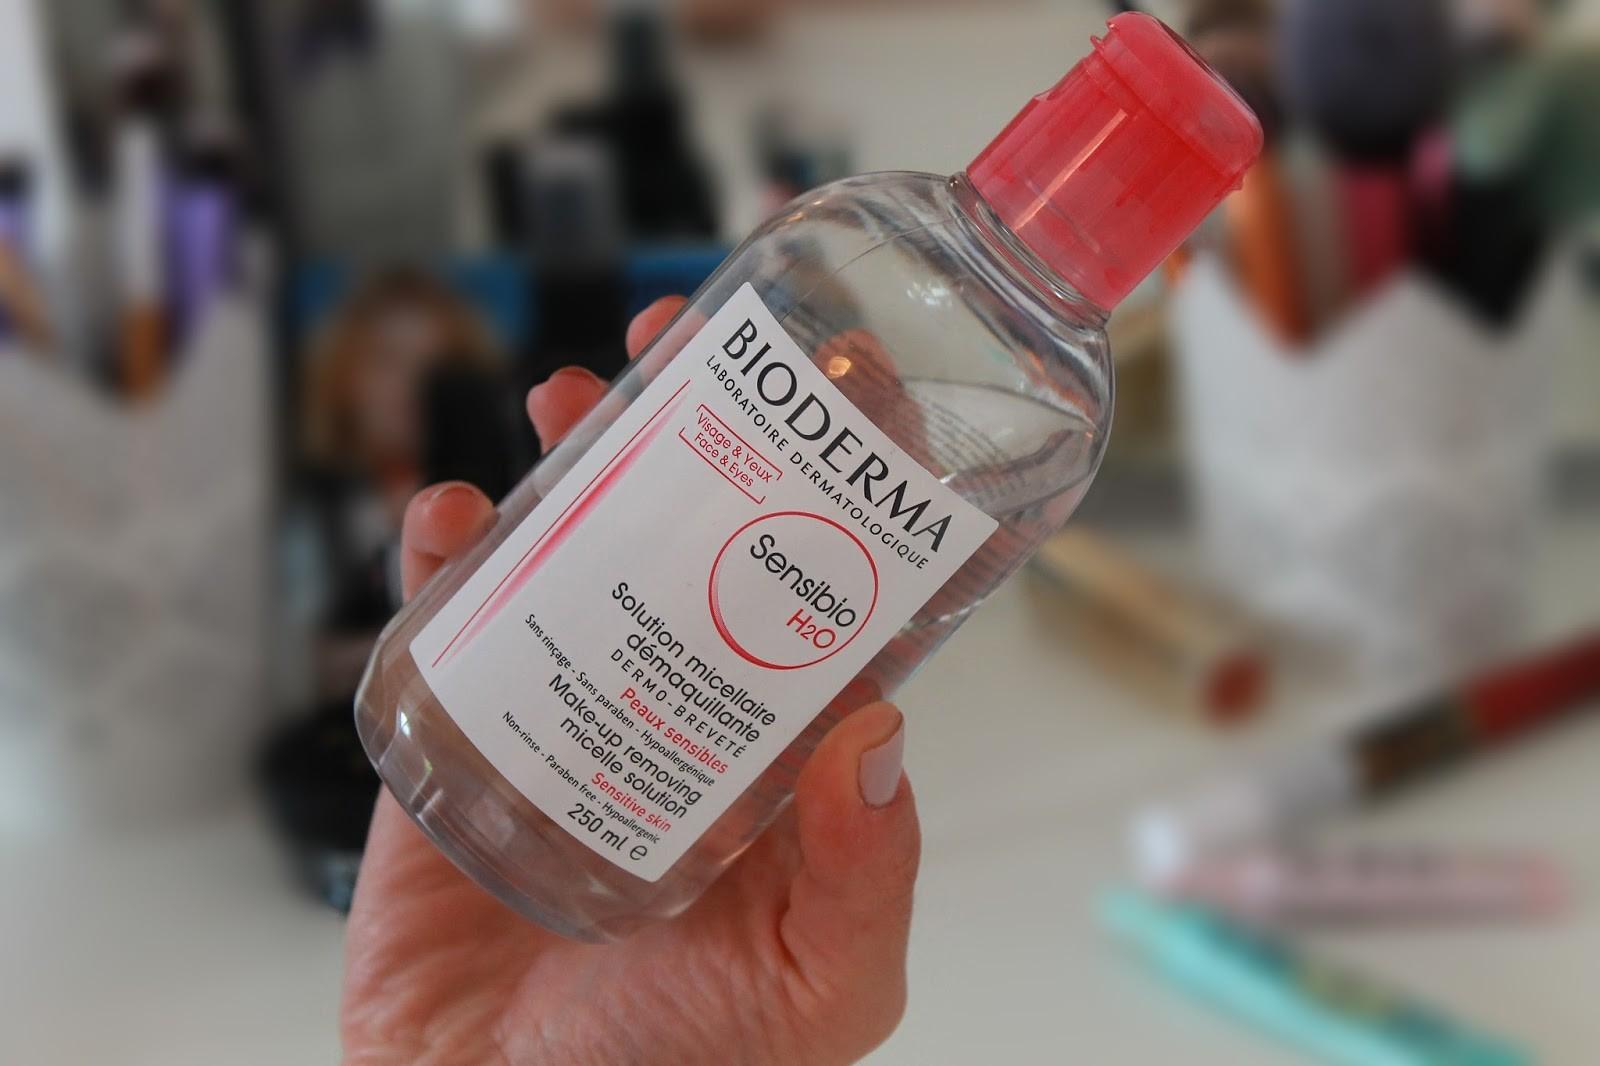 denisasima-bioderma